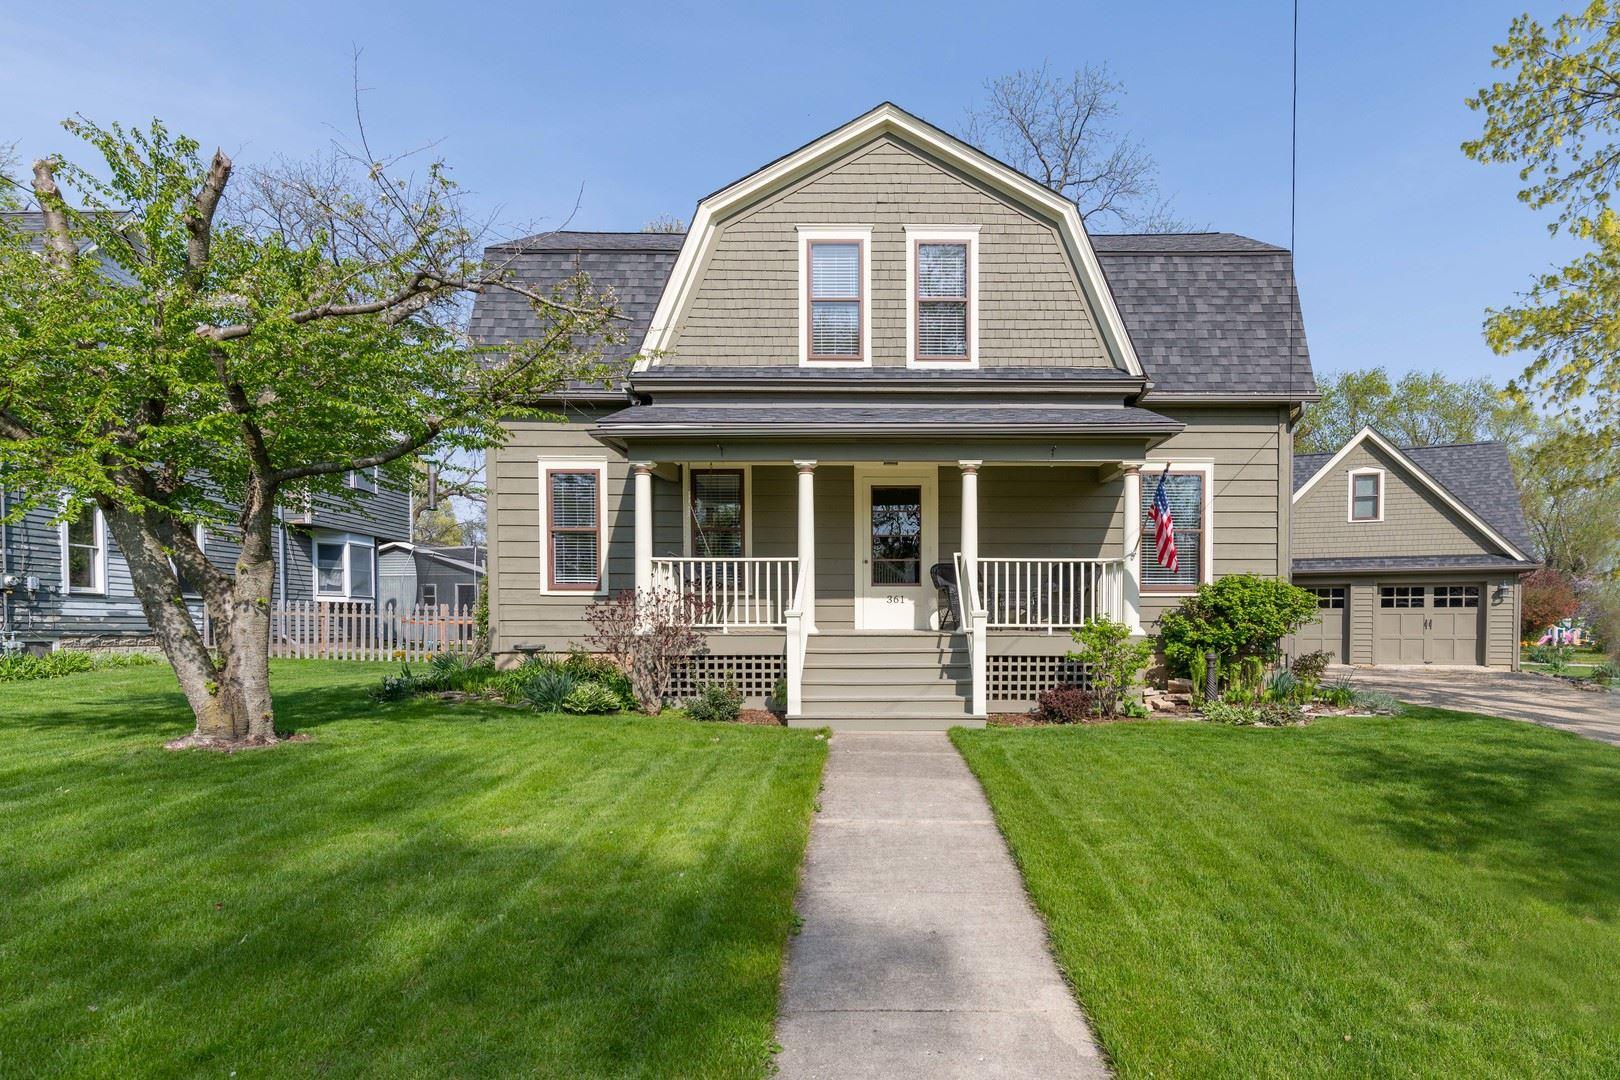 Photo of 361 S Madison Street, Oswego, IL 60543 (MLS # 11069755)